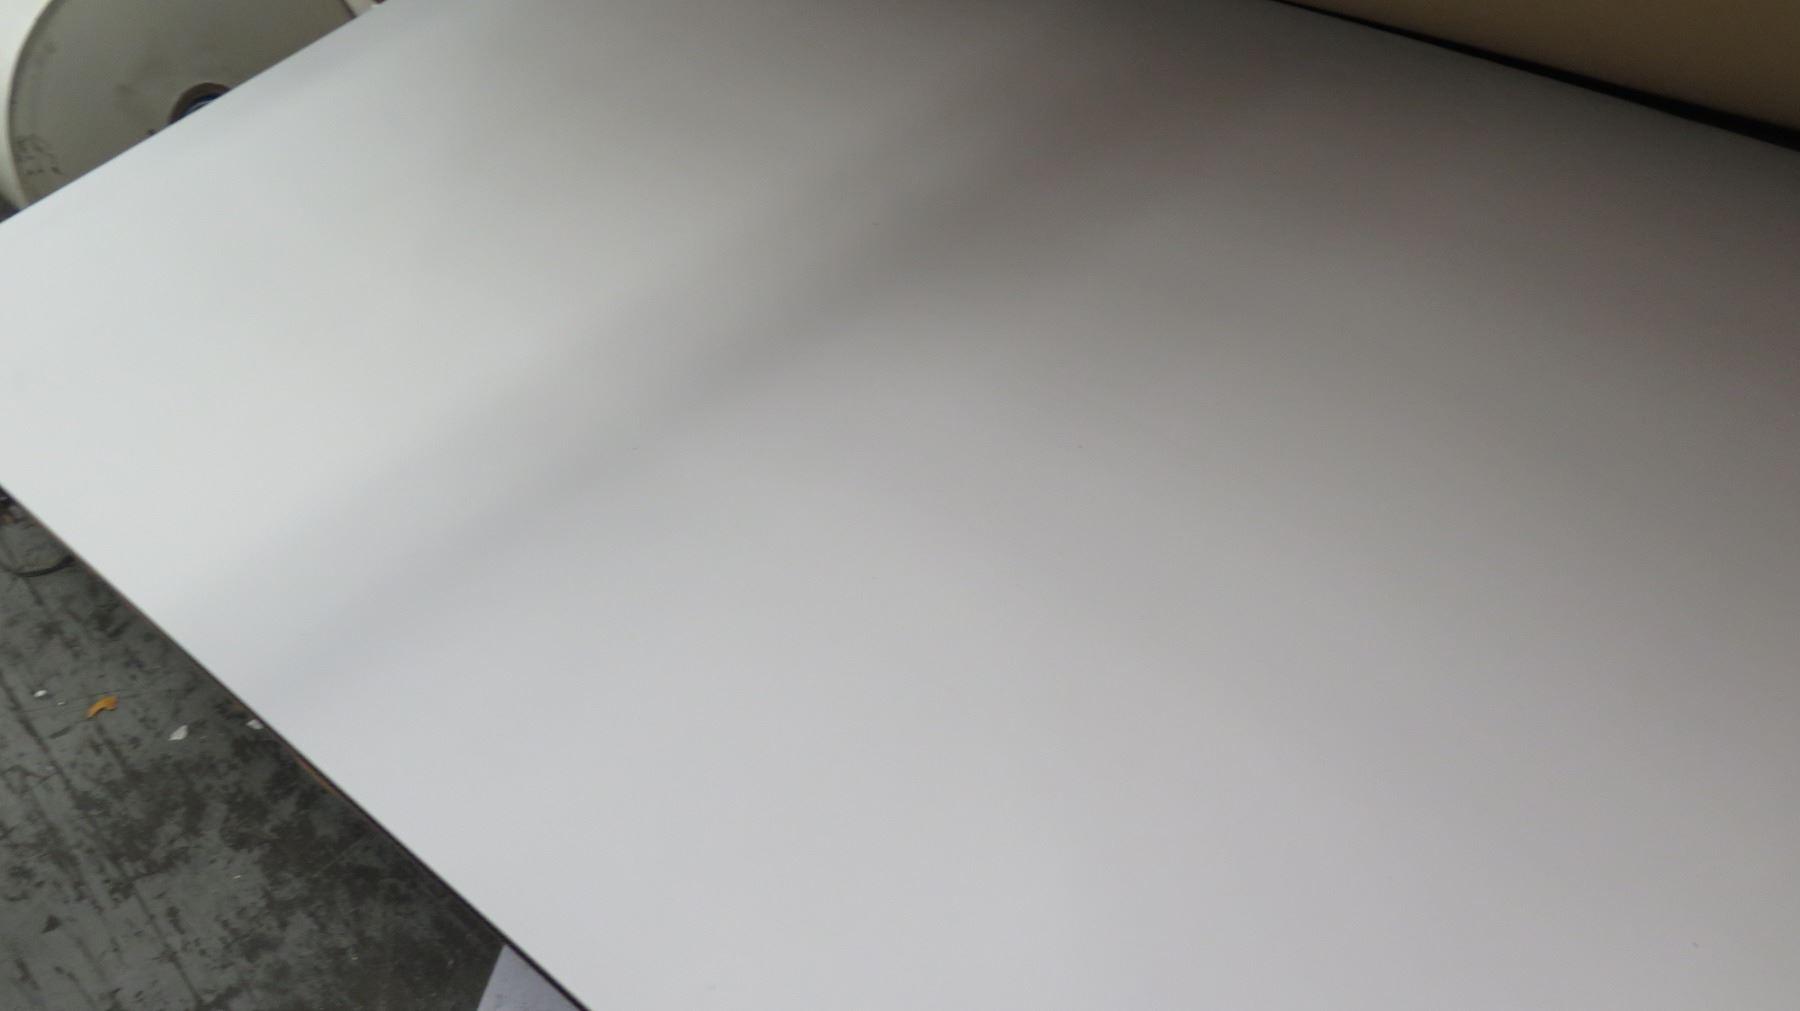 Qty 1 Box Elmer's Encore Large Foam Sheets - Oahu Auctions